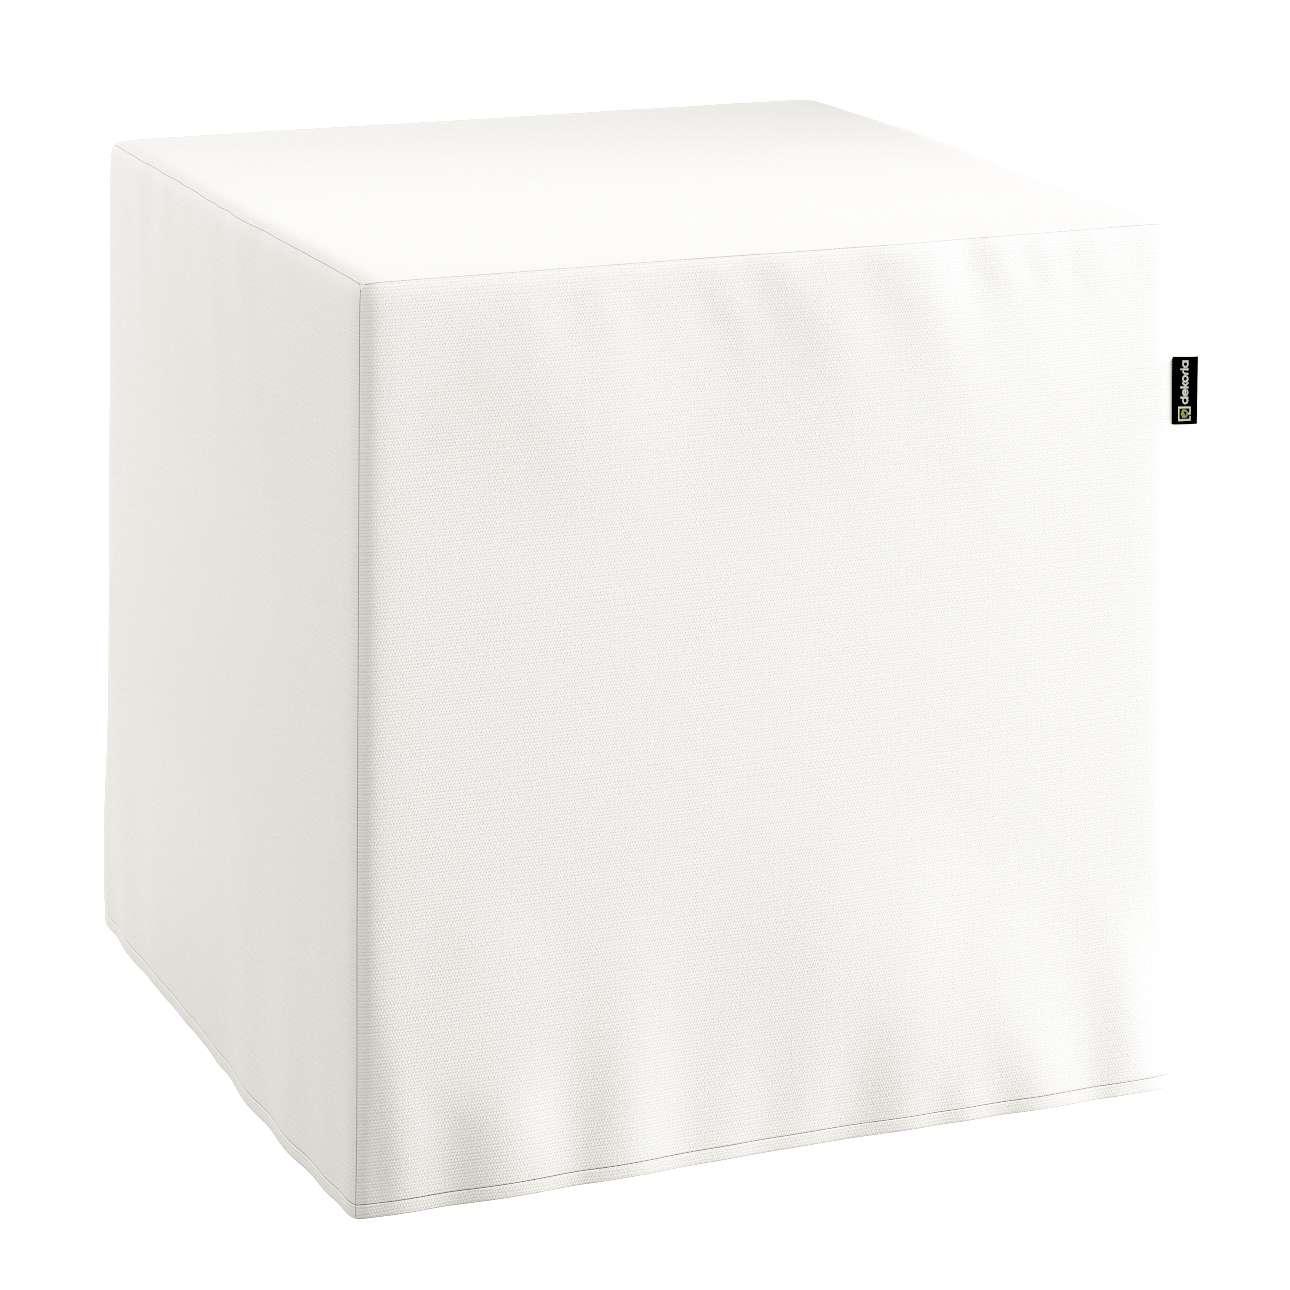 Pufas 40 x 40 x 40 cm kolekcijoje Cotton Panama, audinys: 702-34